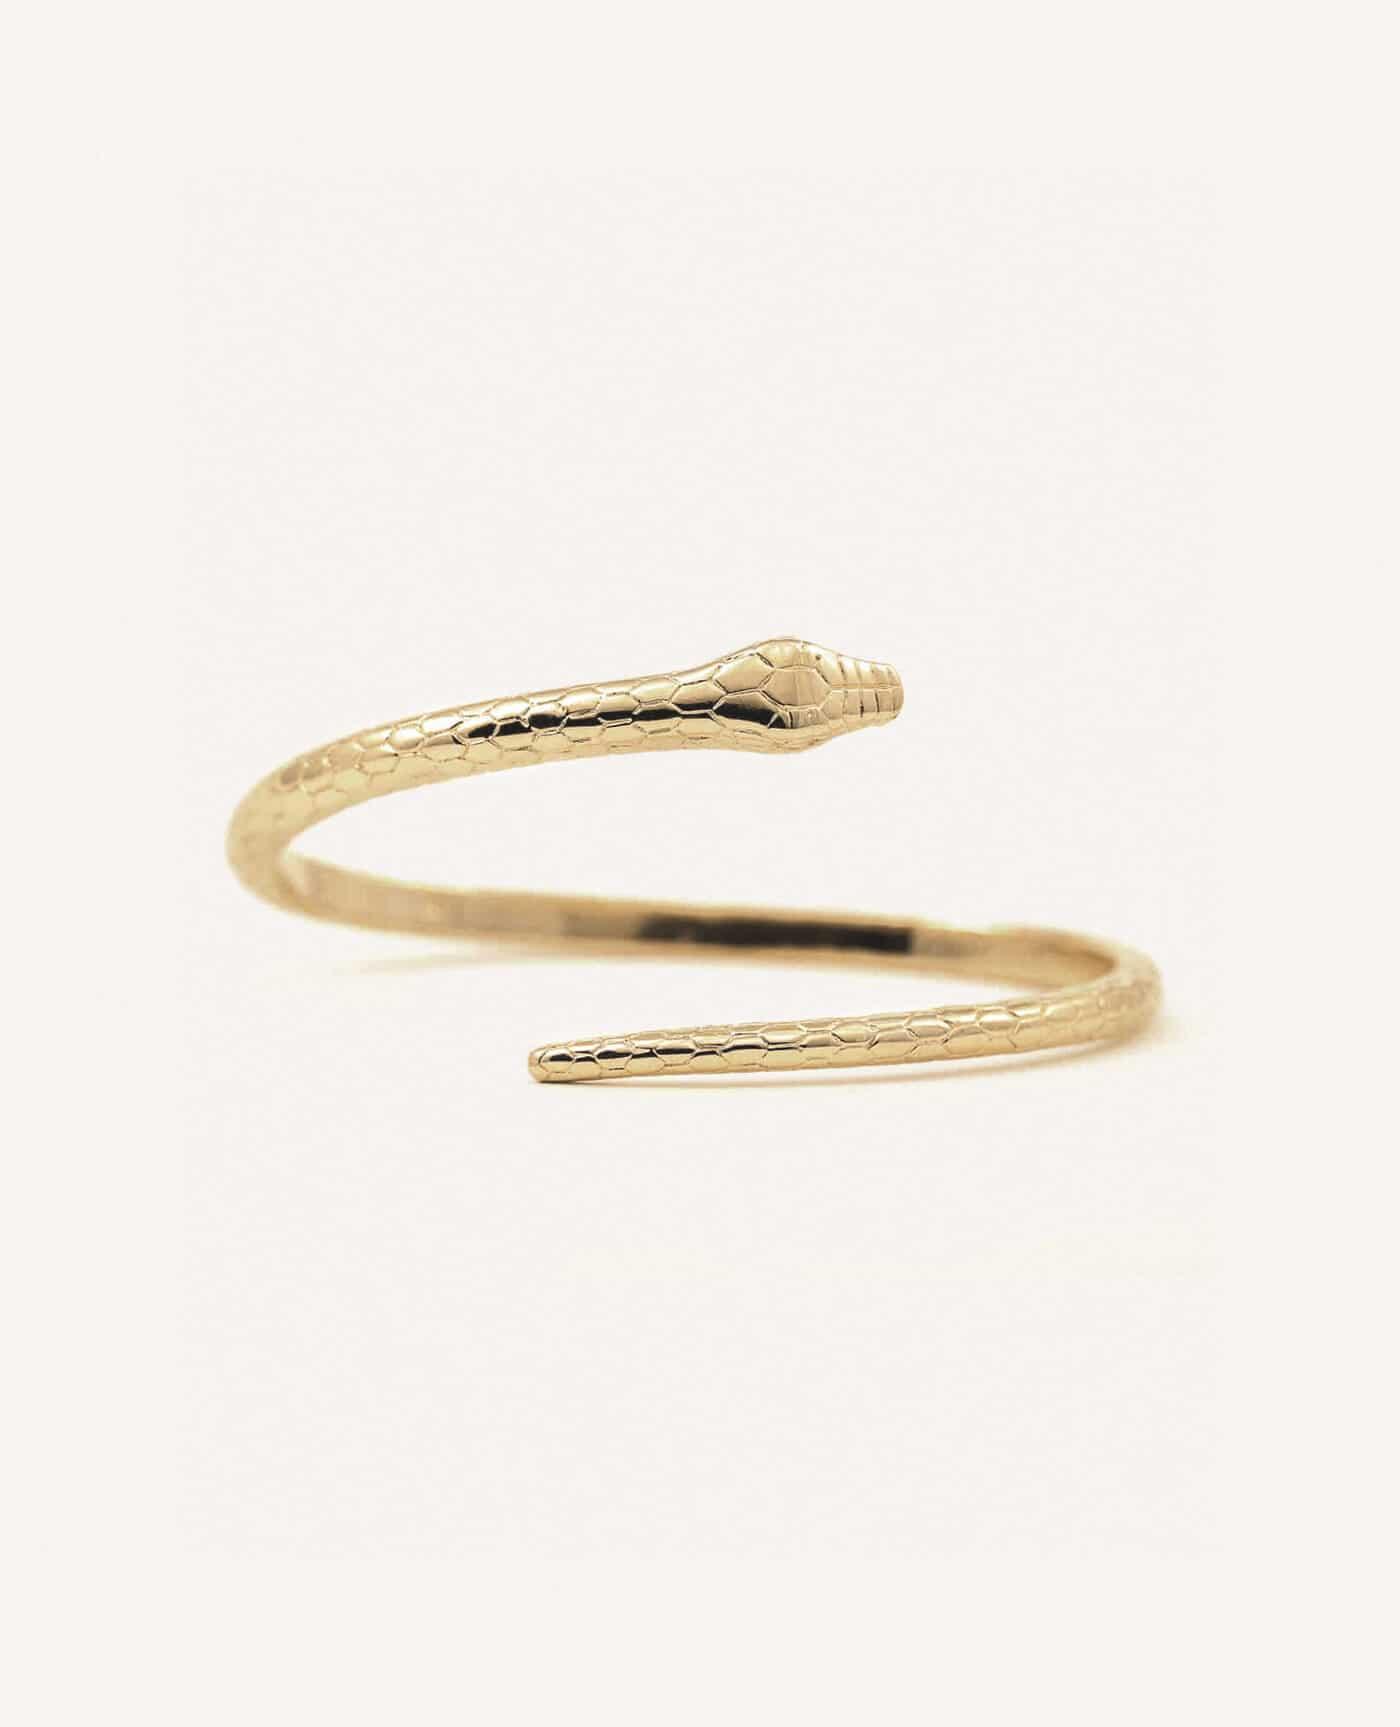 Bracelet Théo serpent de la marque Luj Paris